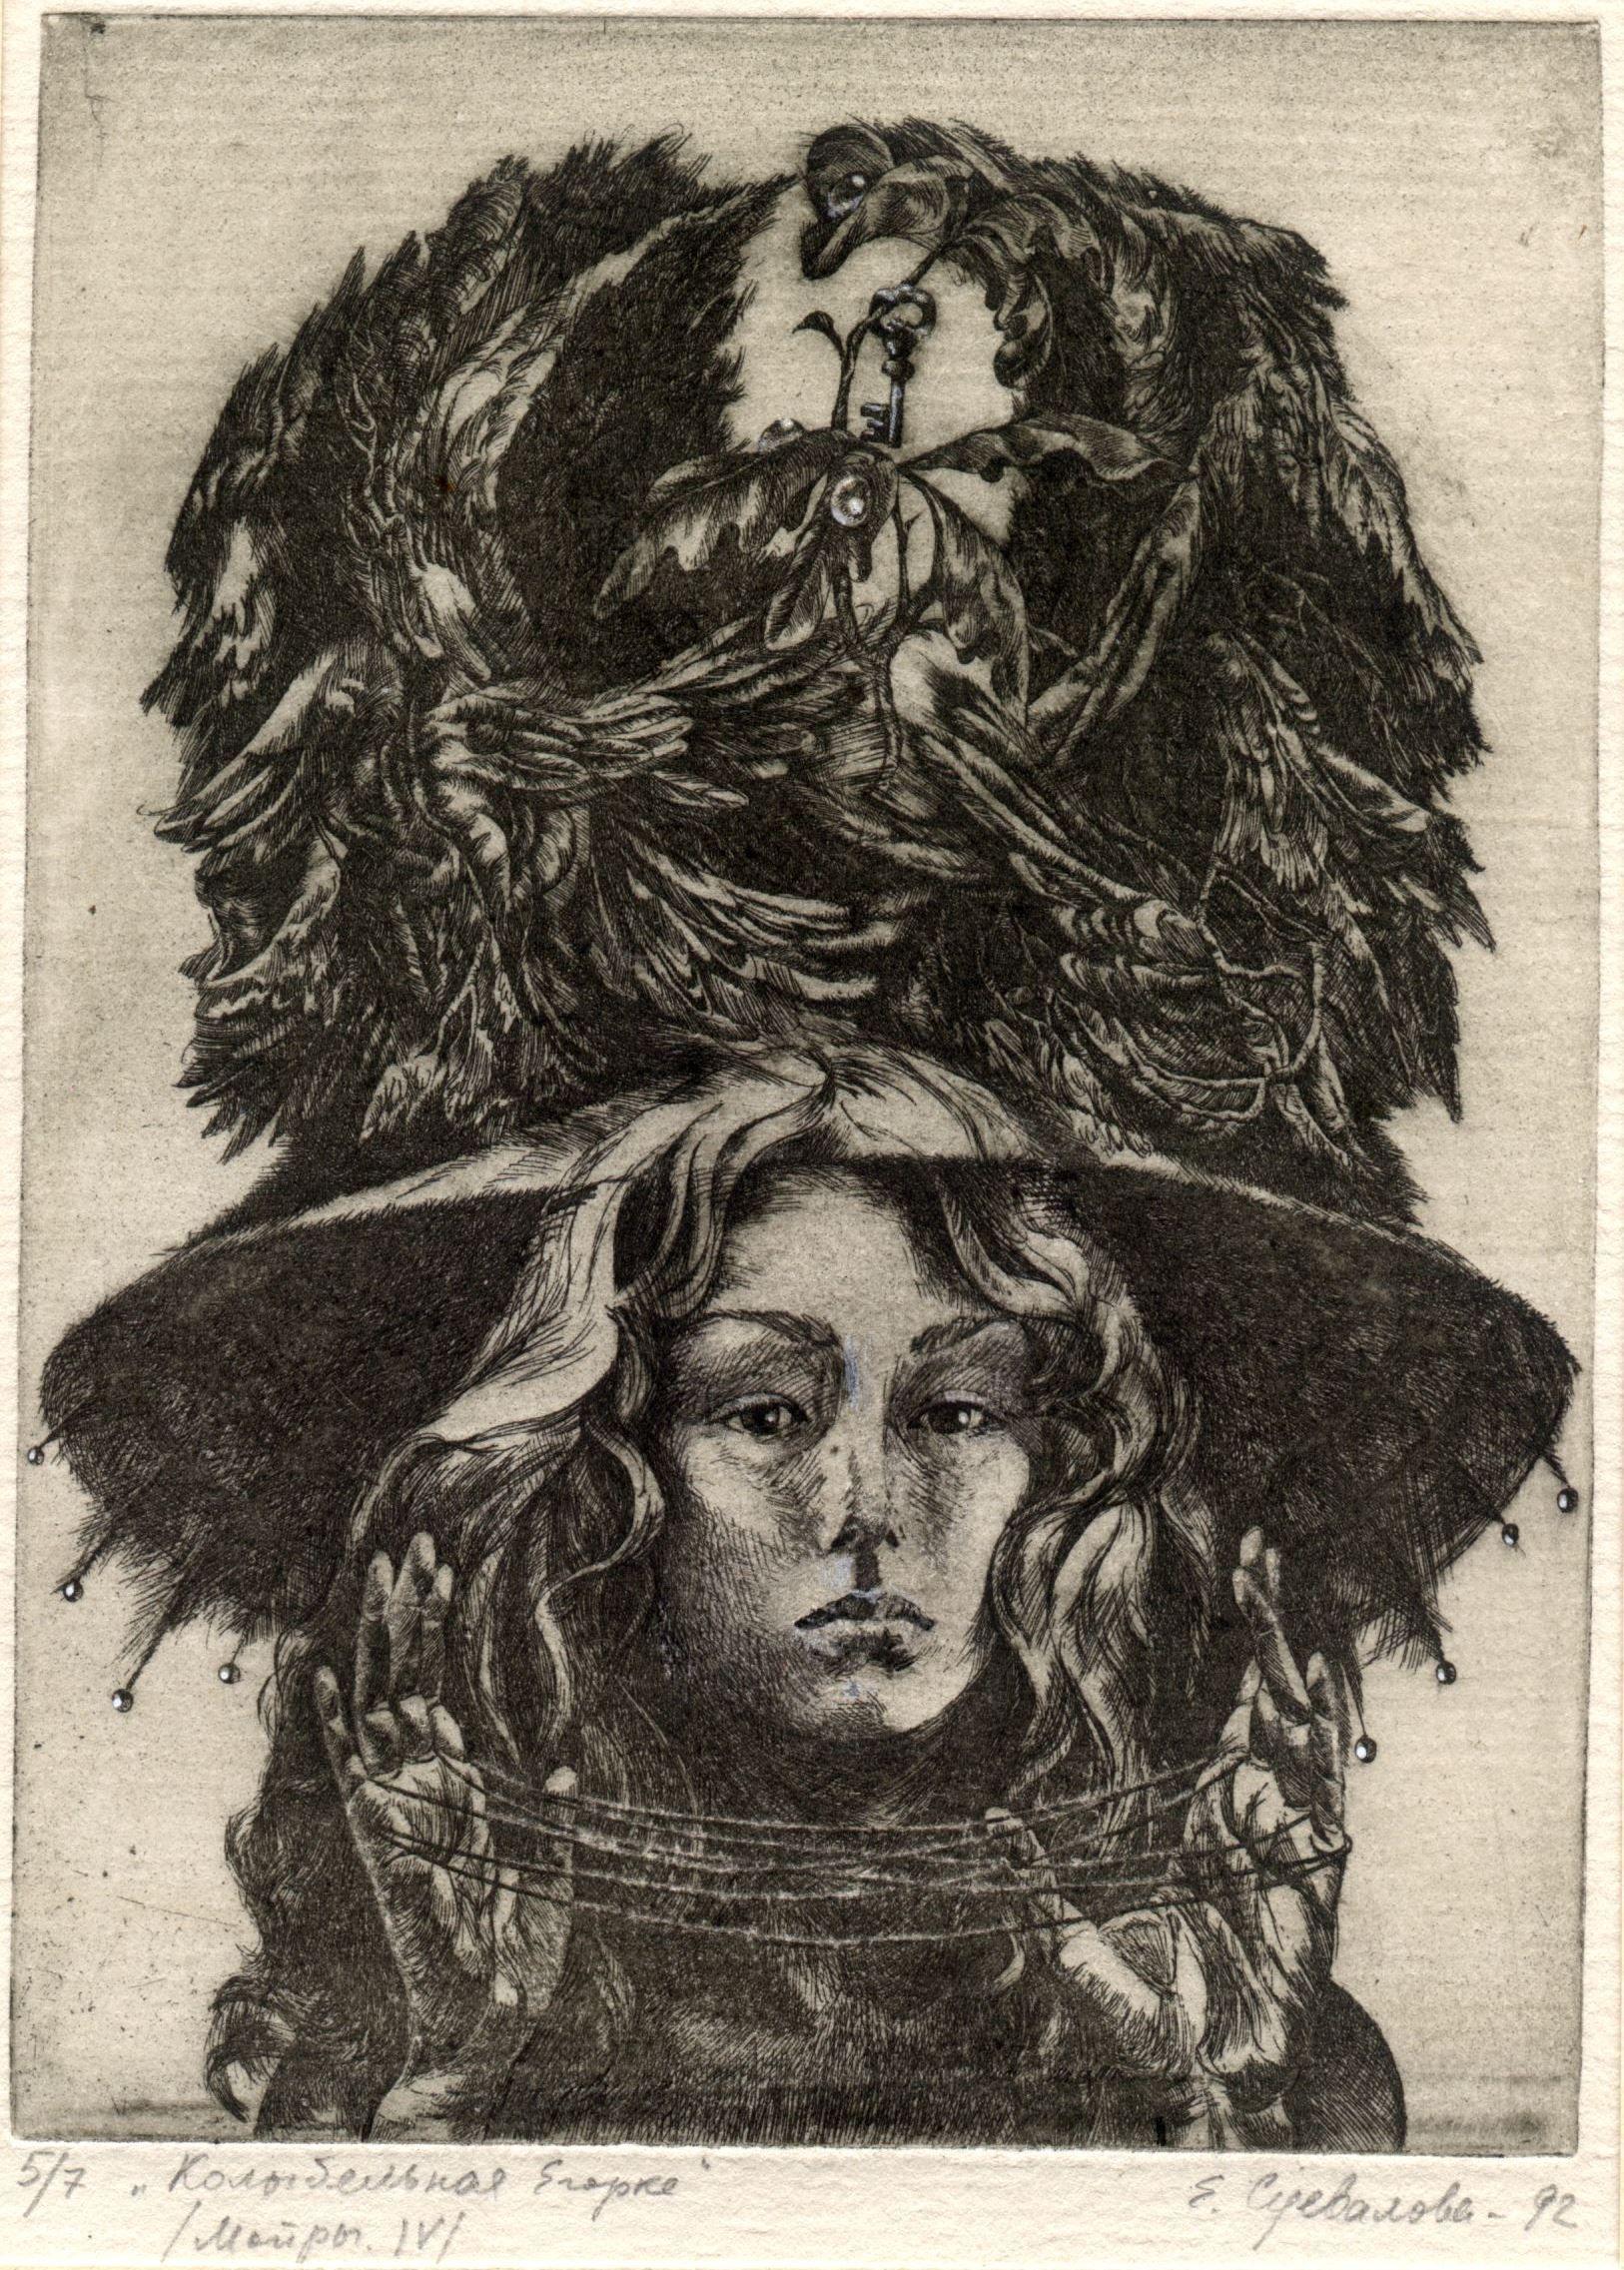 Катерина Суєвалова. Колискова Єгорці (Мойри-IV), 1992; офорт